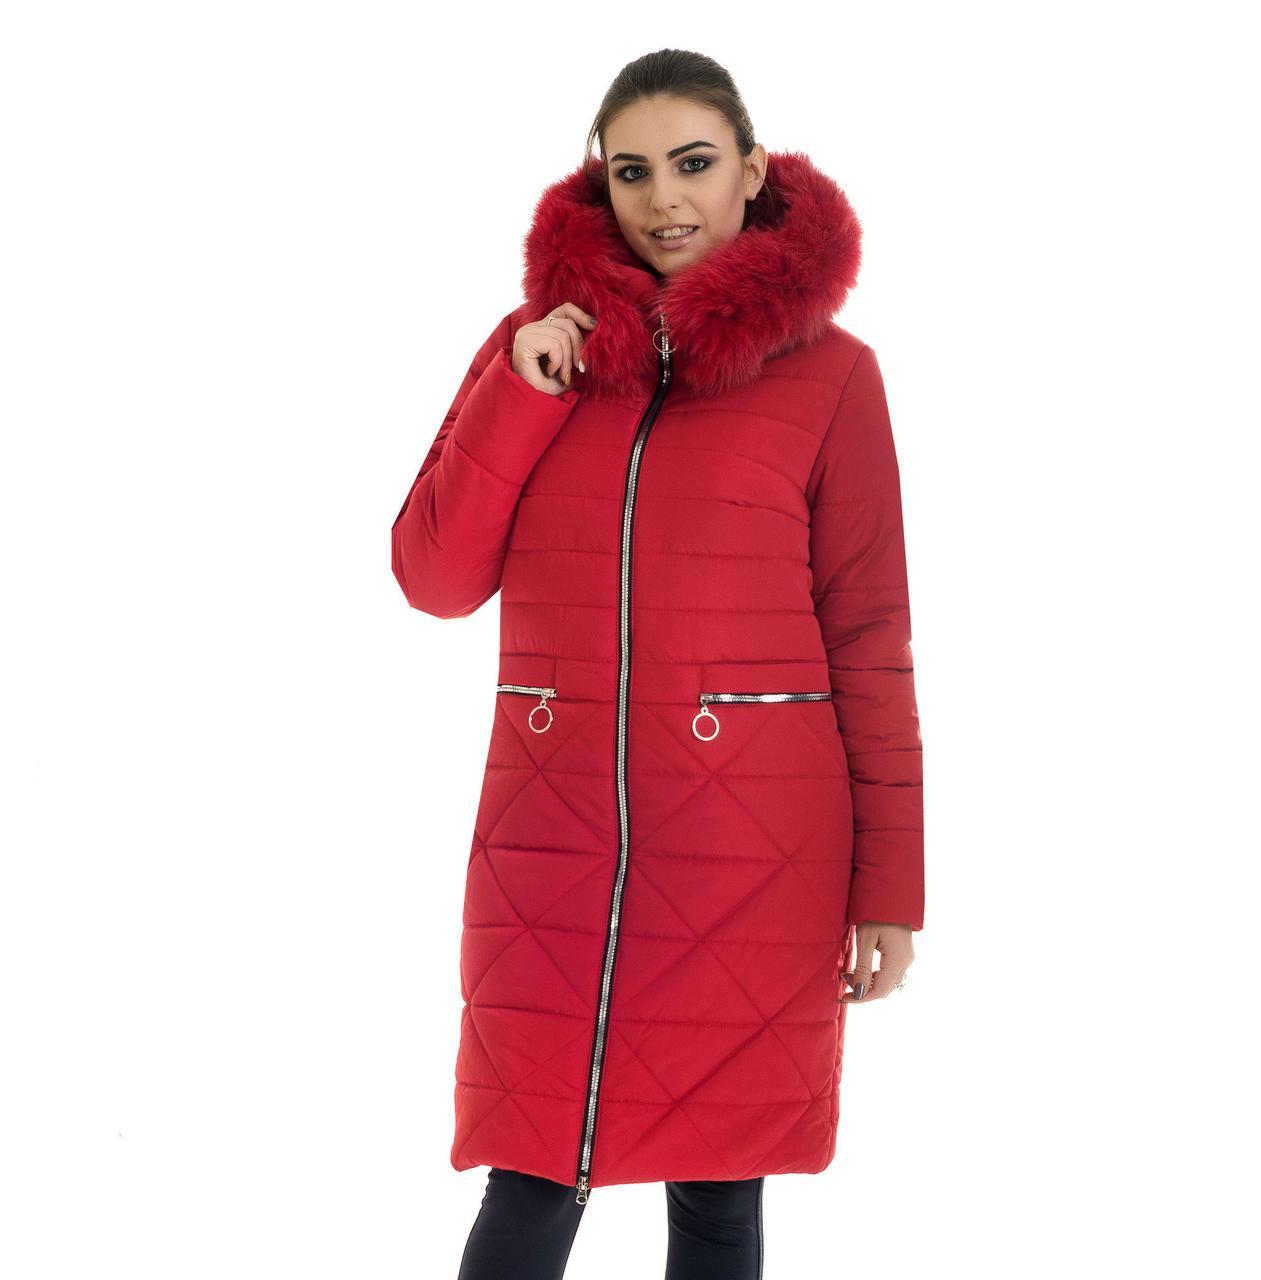 Красный зимний пуховик женский с капюшоном